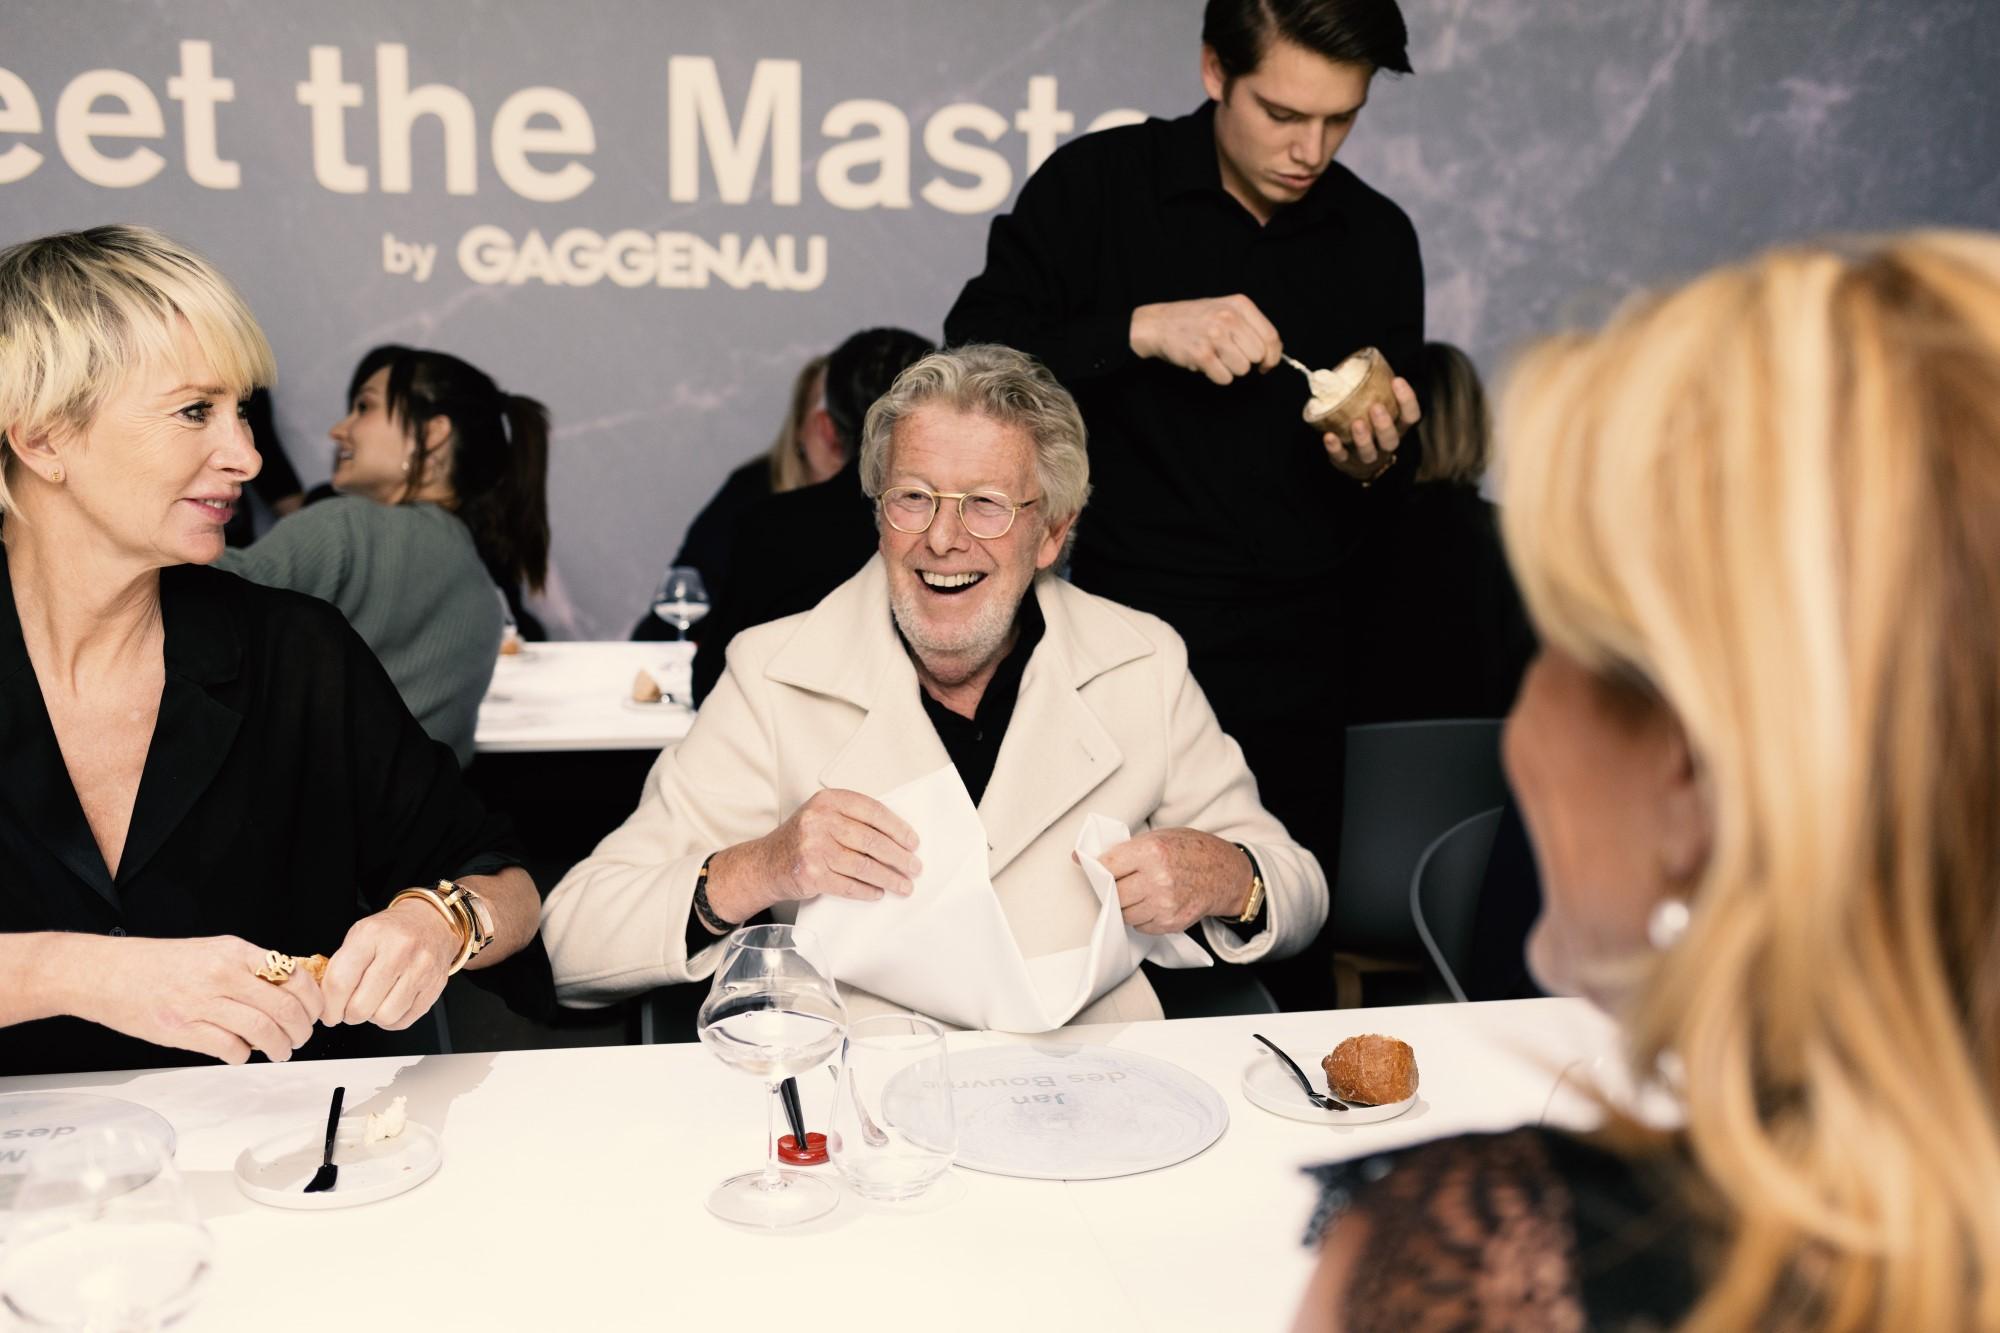 Meet the Masters! Society Nederland viert nieuwe series en jubileum Gaggenau